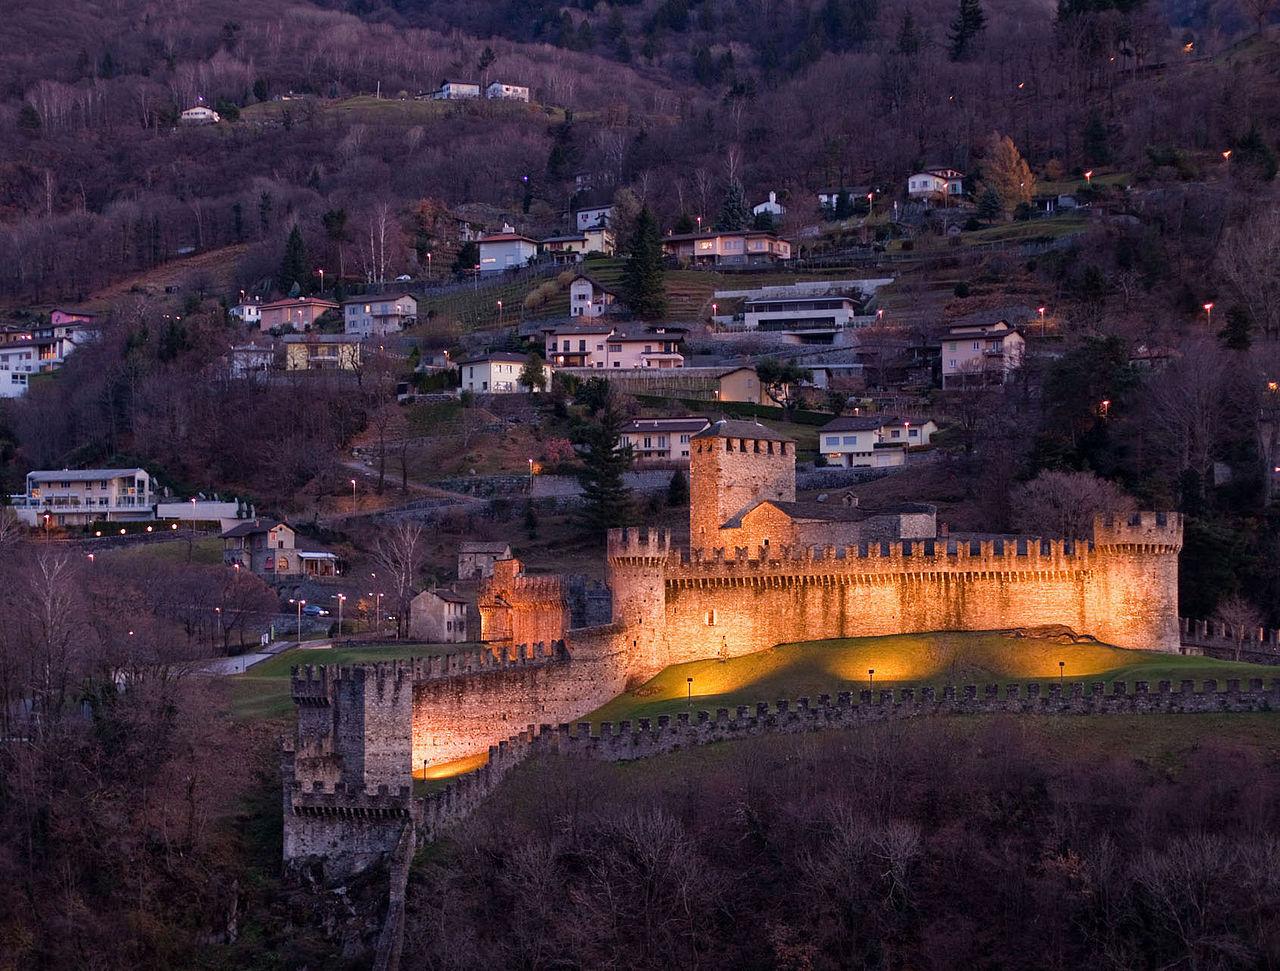 Замок Монтебелло ночью